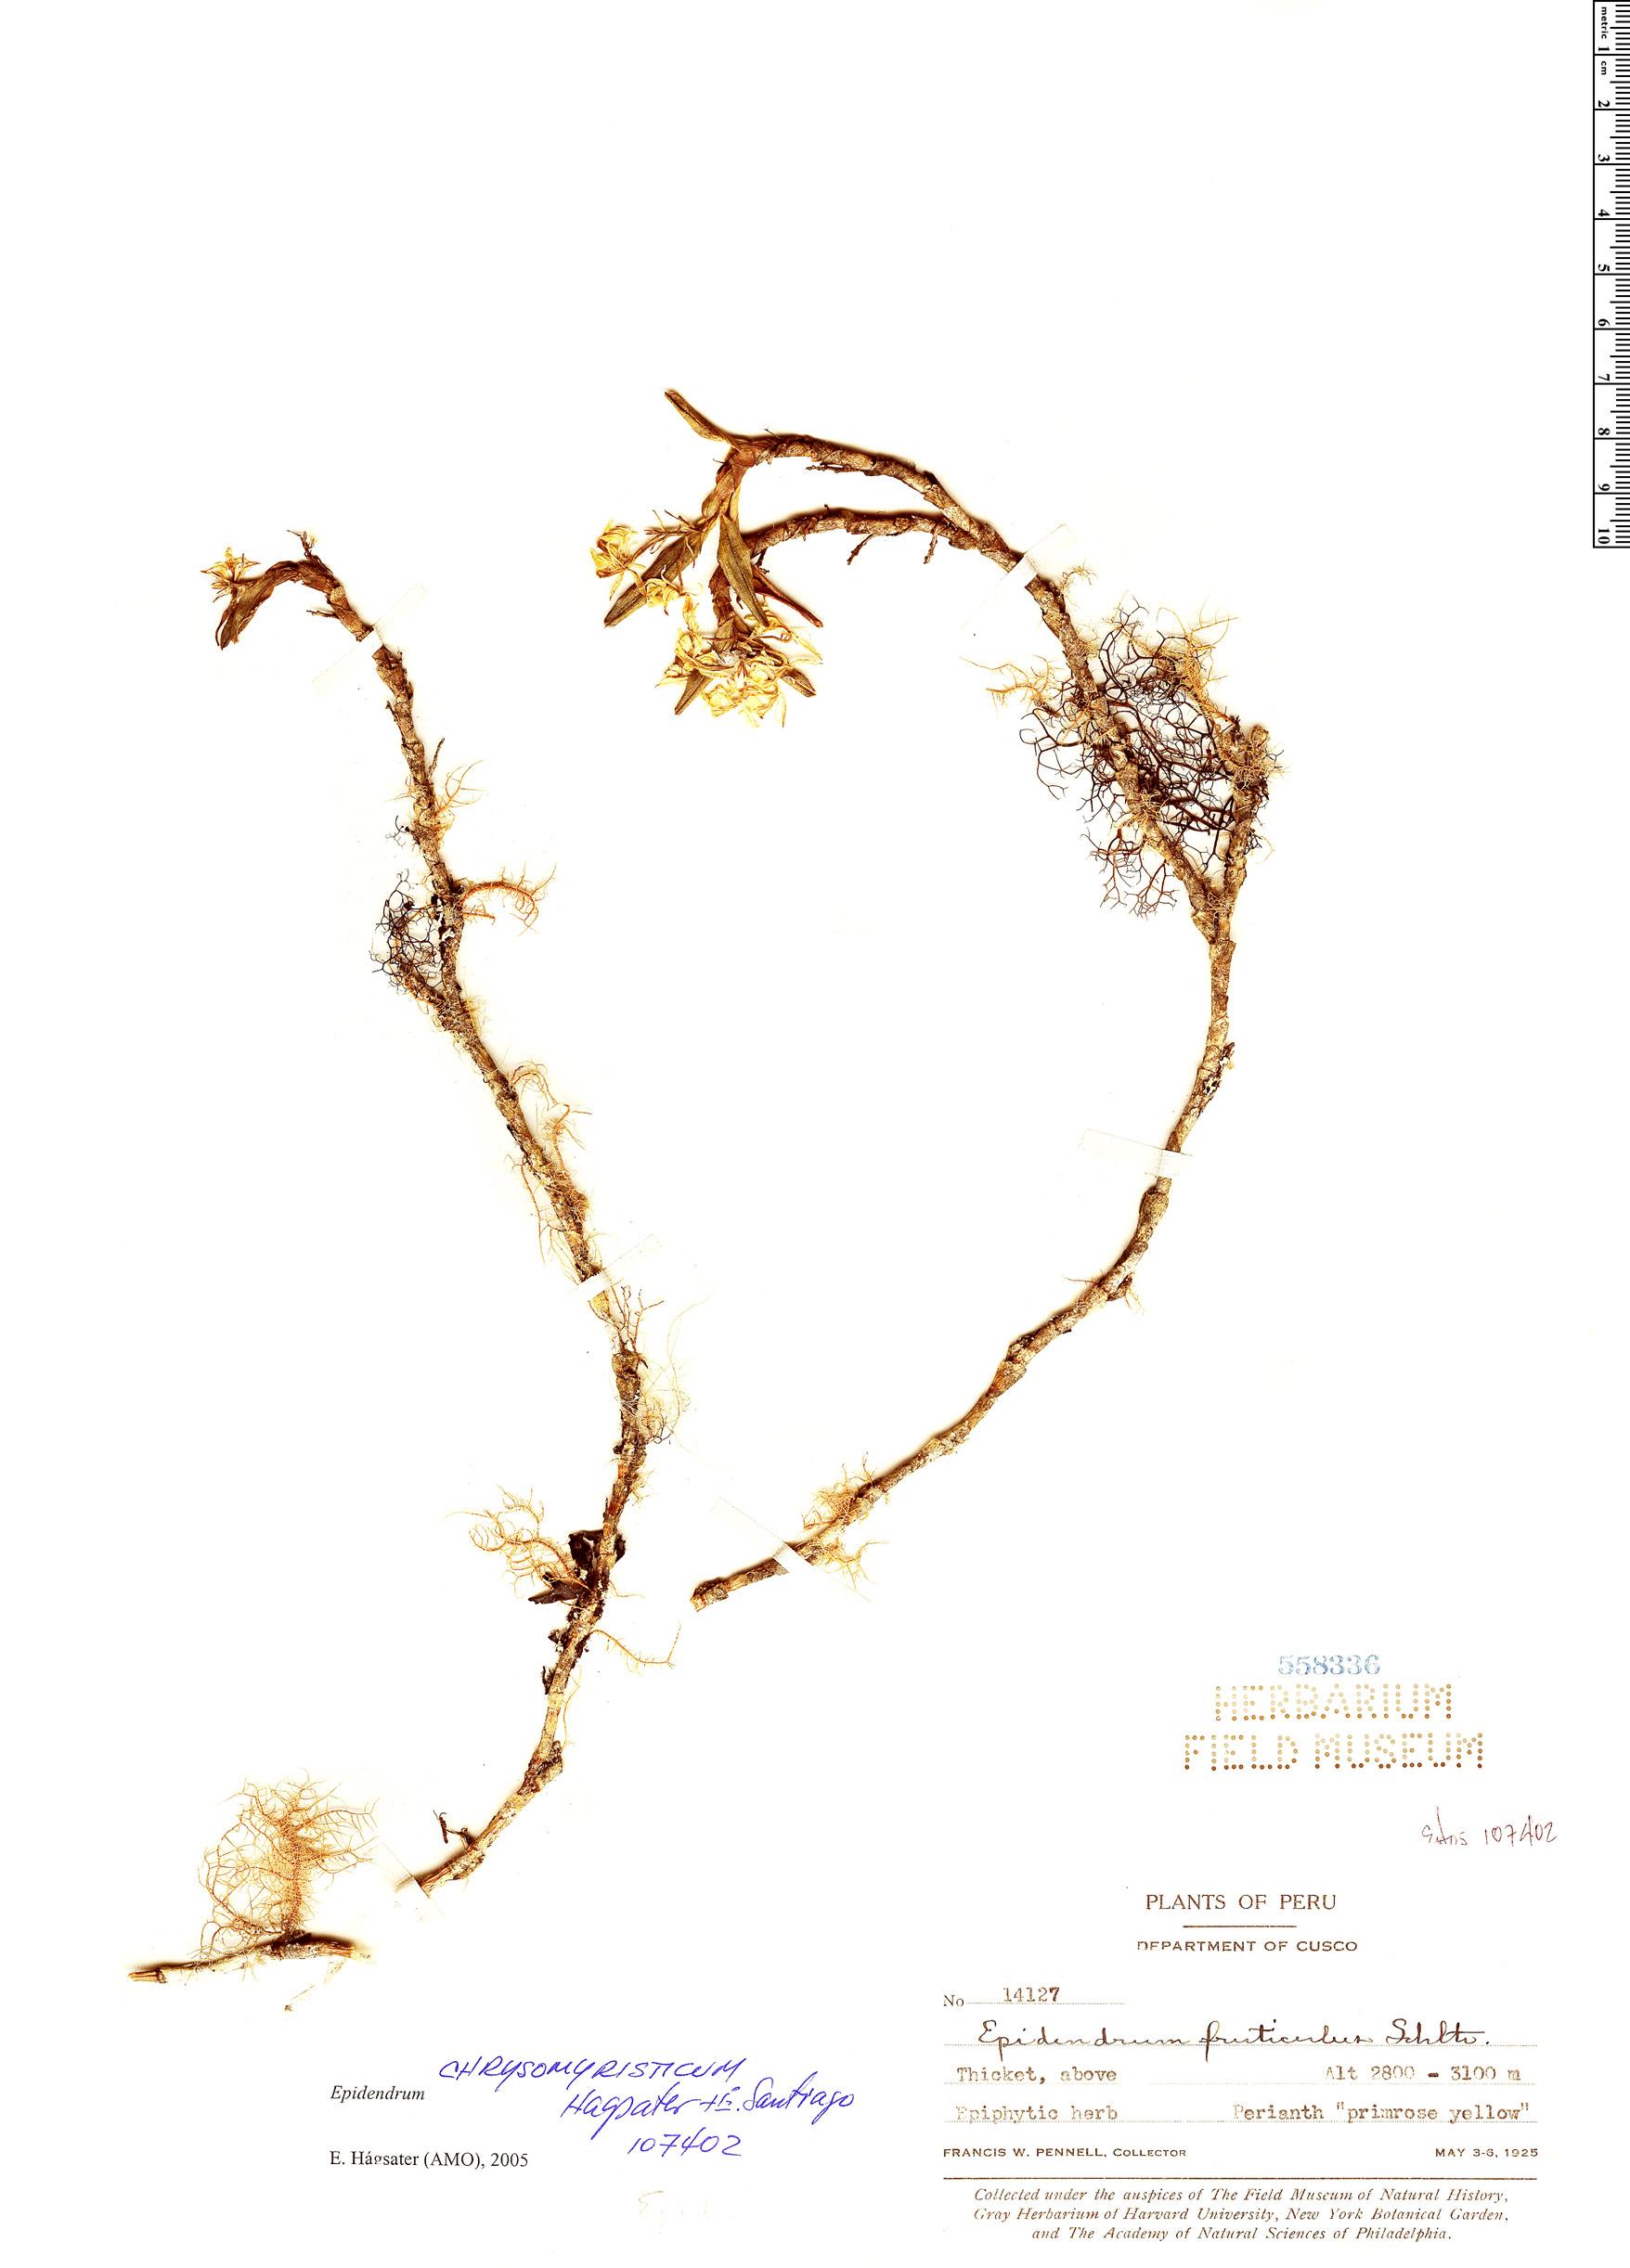 Specimen: Epidendrum chrysomyristicum